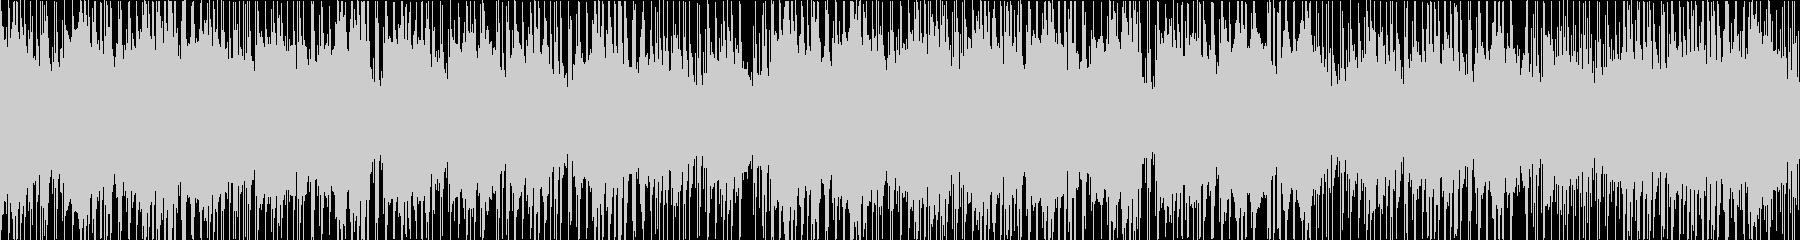 しっとり和風のR&B ループ版の未再生の波形